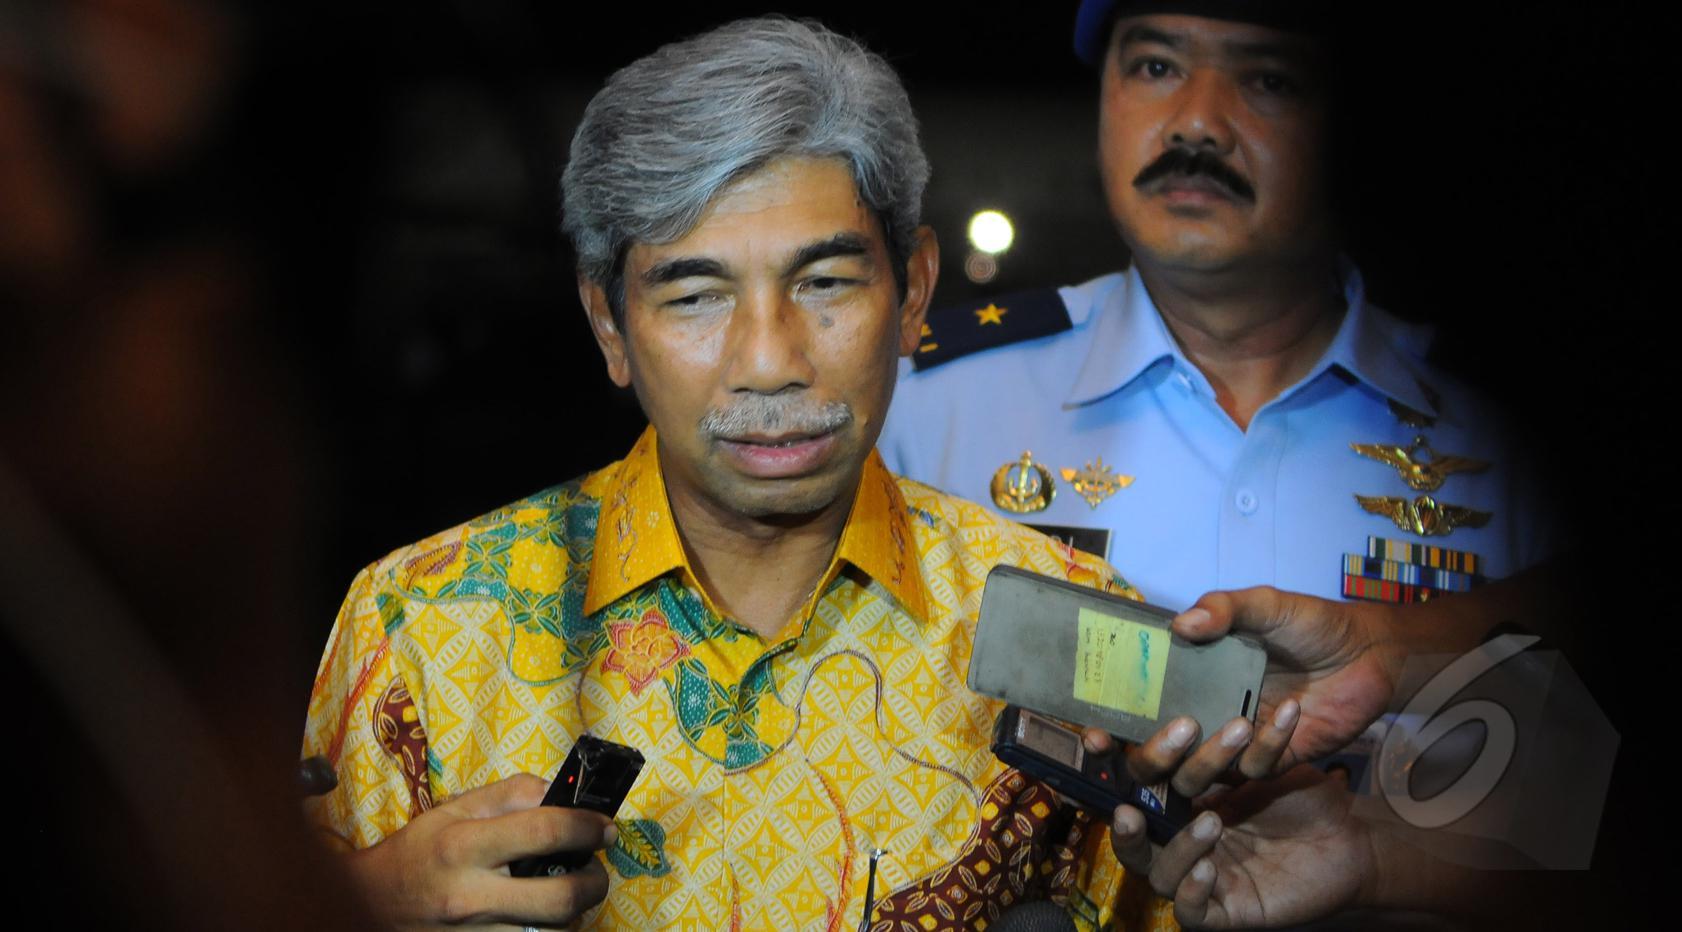 Wakil Menlu AM Fachir. (Liputan6.com/Herman Zakharia)